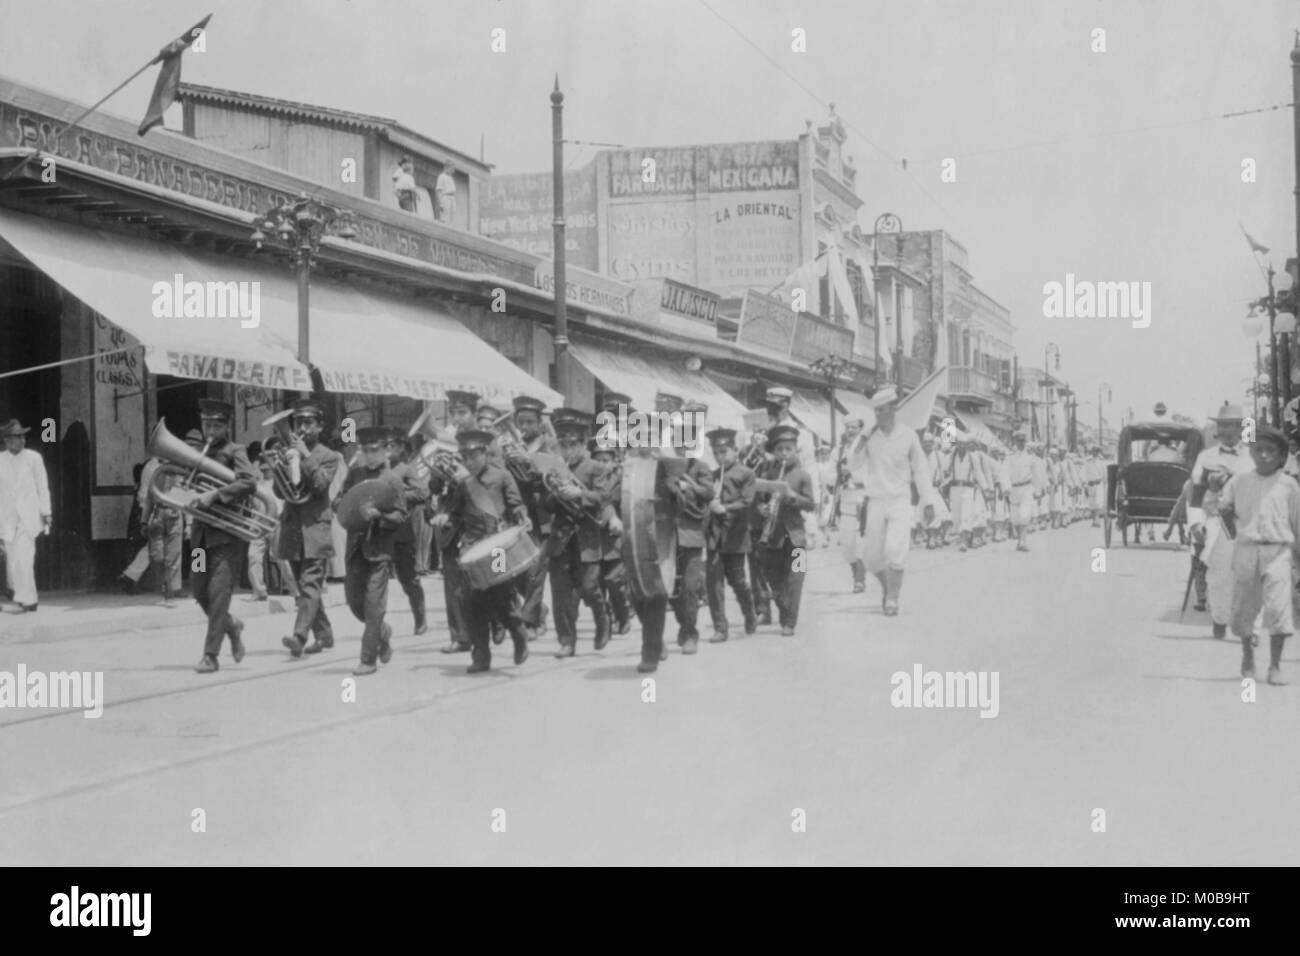 Mexikanische Band spielt Instrumente vor Marschieren Spalten der U.S. Navy Segler Stockbild